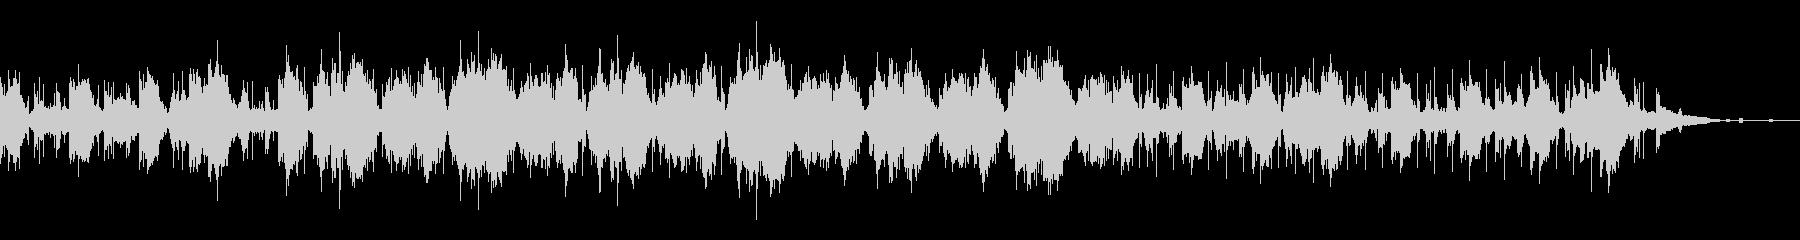 アンビエントなグリッジミュージックの未再生の波形